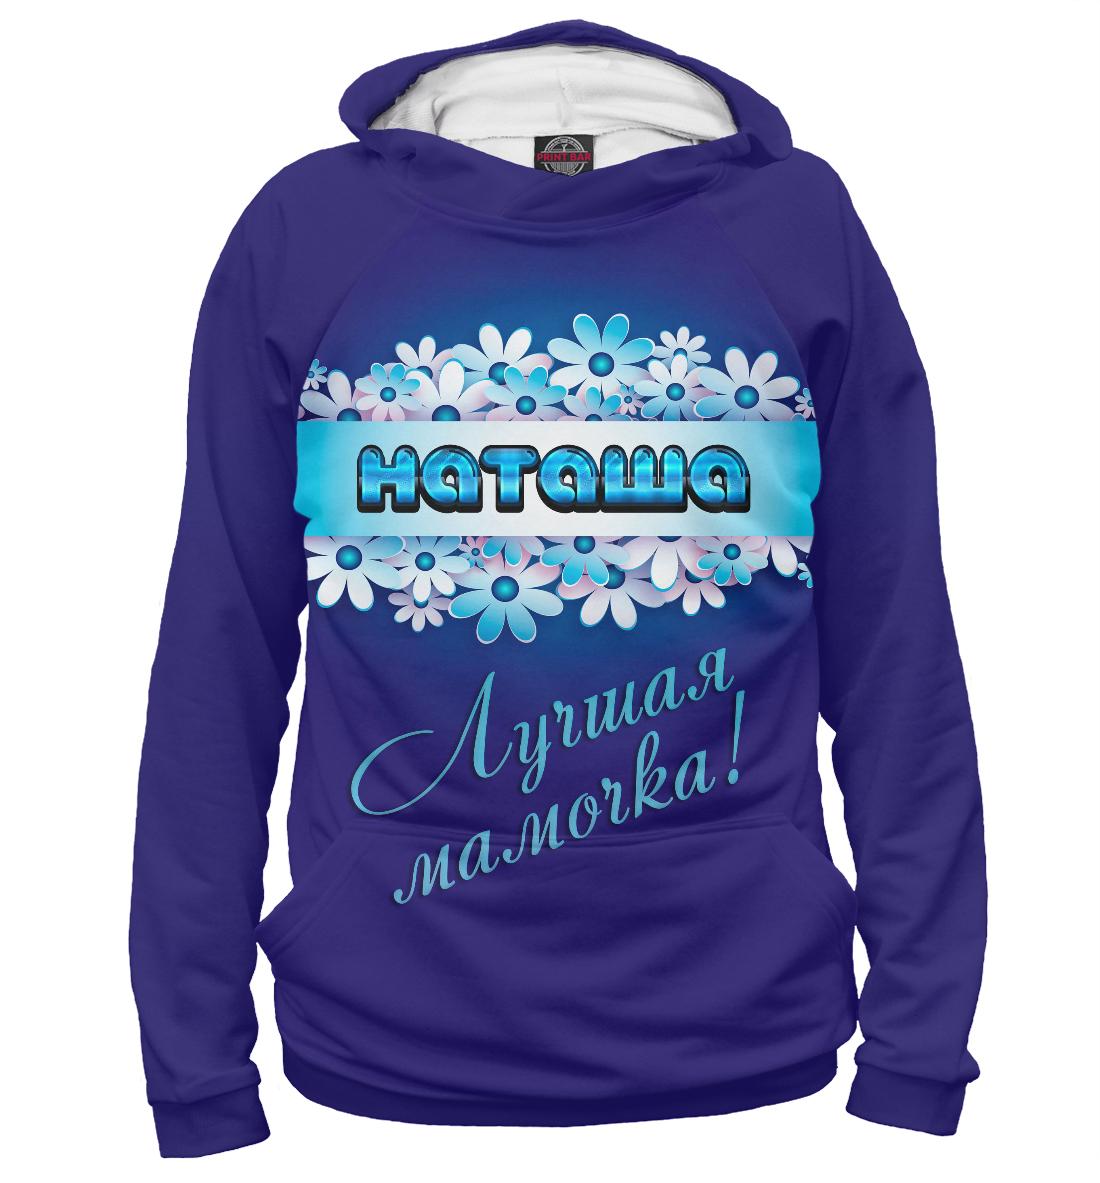 Купить Лучшая мамочка Наташа, Printbar, Худи, IMR-528488-hud-2